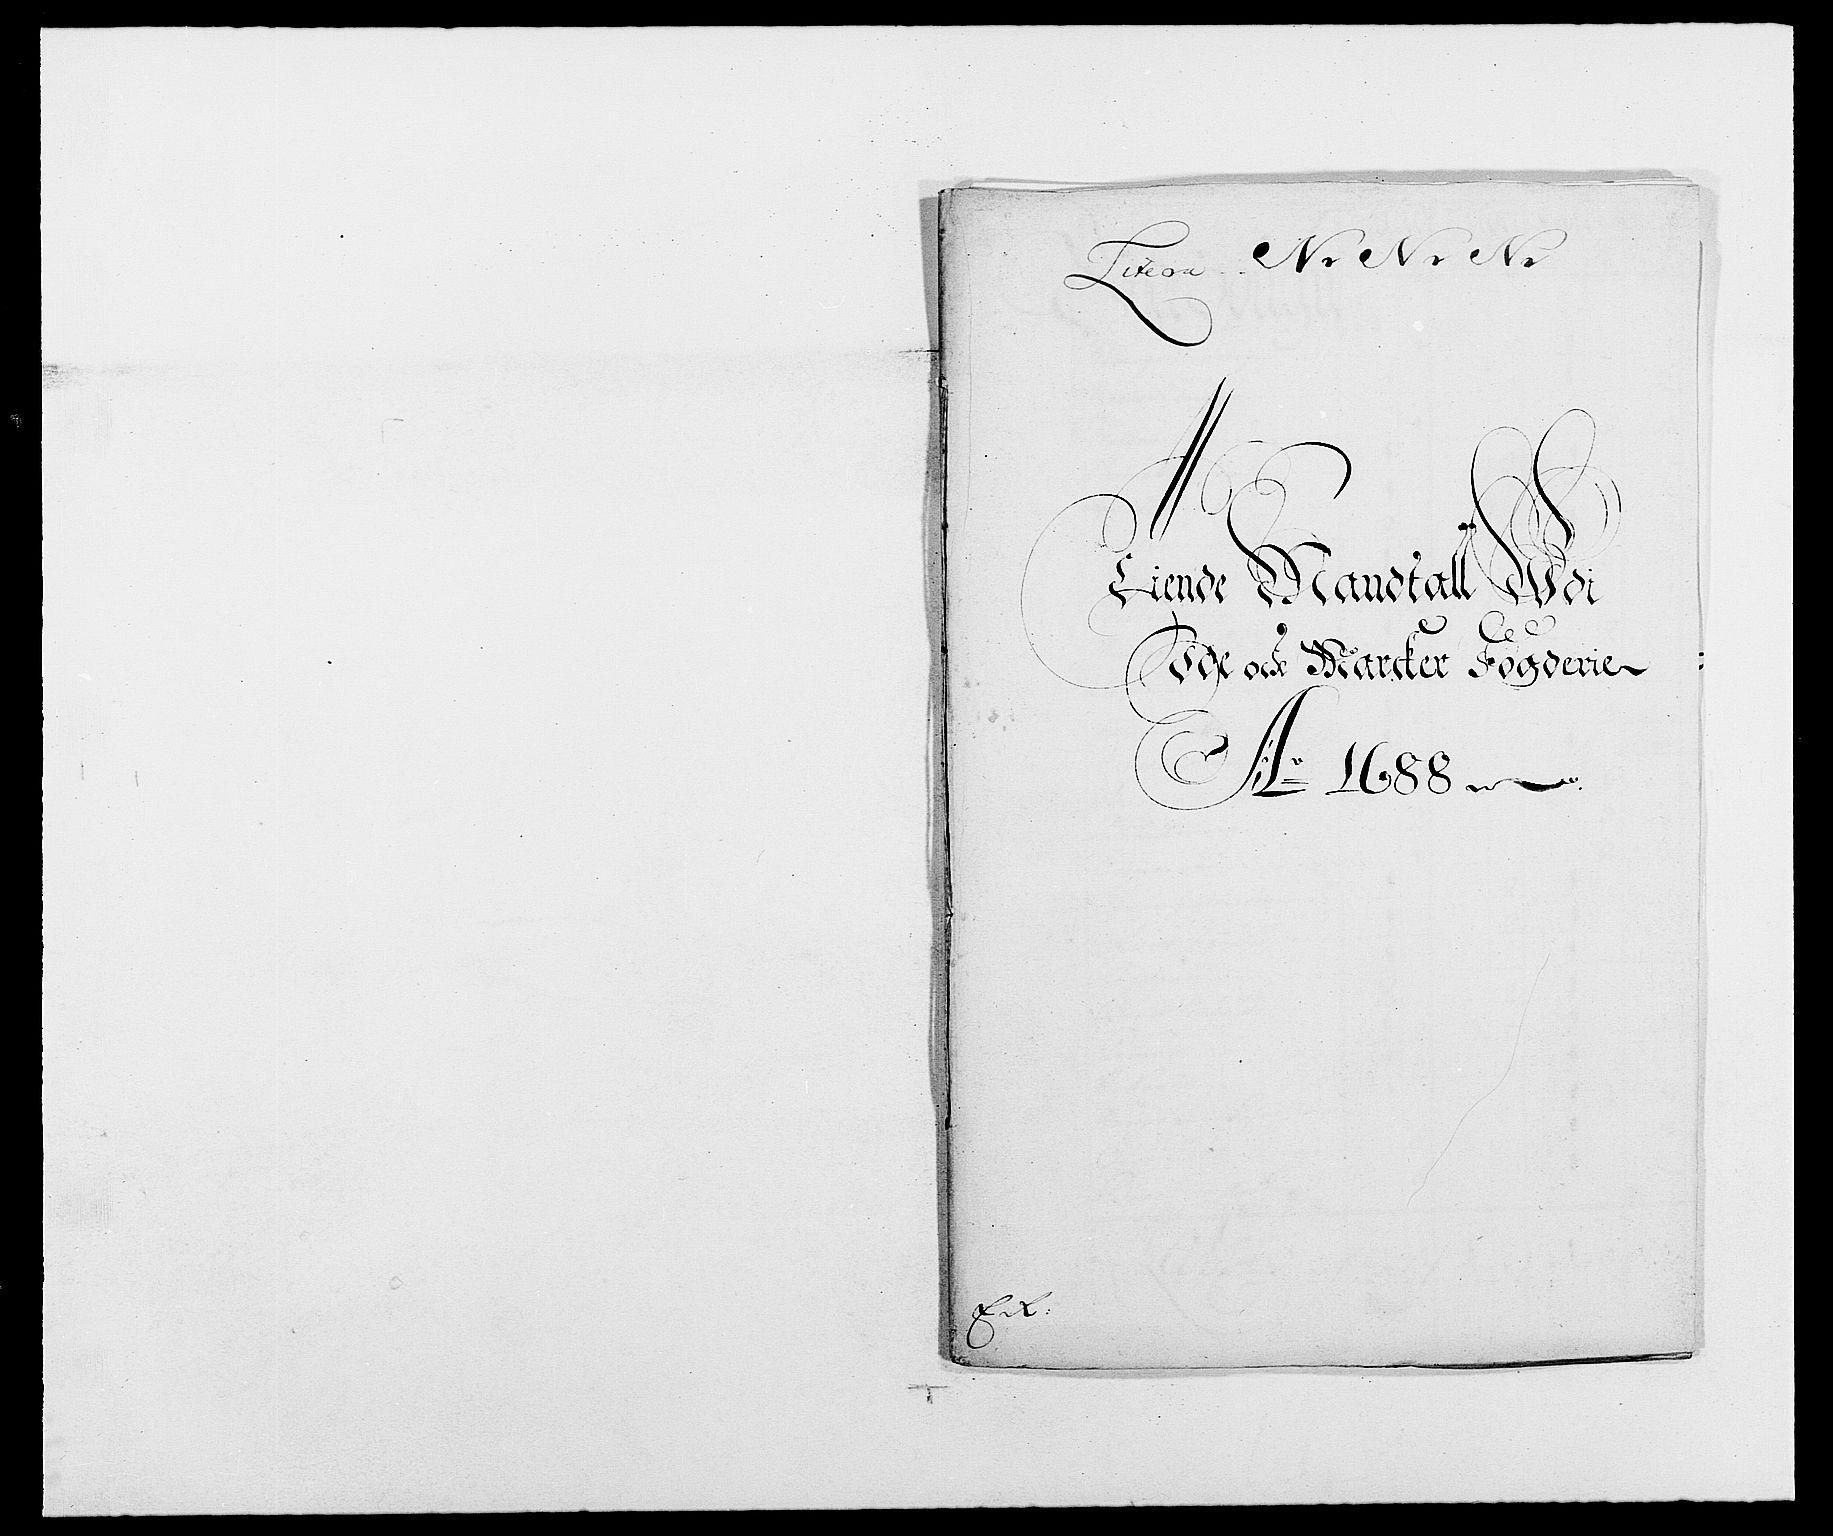 RA, Rentekammeret inntil 1814, Reviderte regnskaper, Fogderegnskap, R01/L0007: Fogderegnskap Idd og Marker, 1687-1688, s. 261